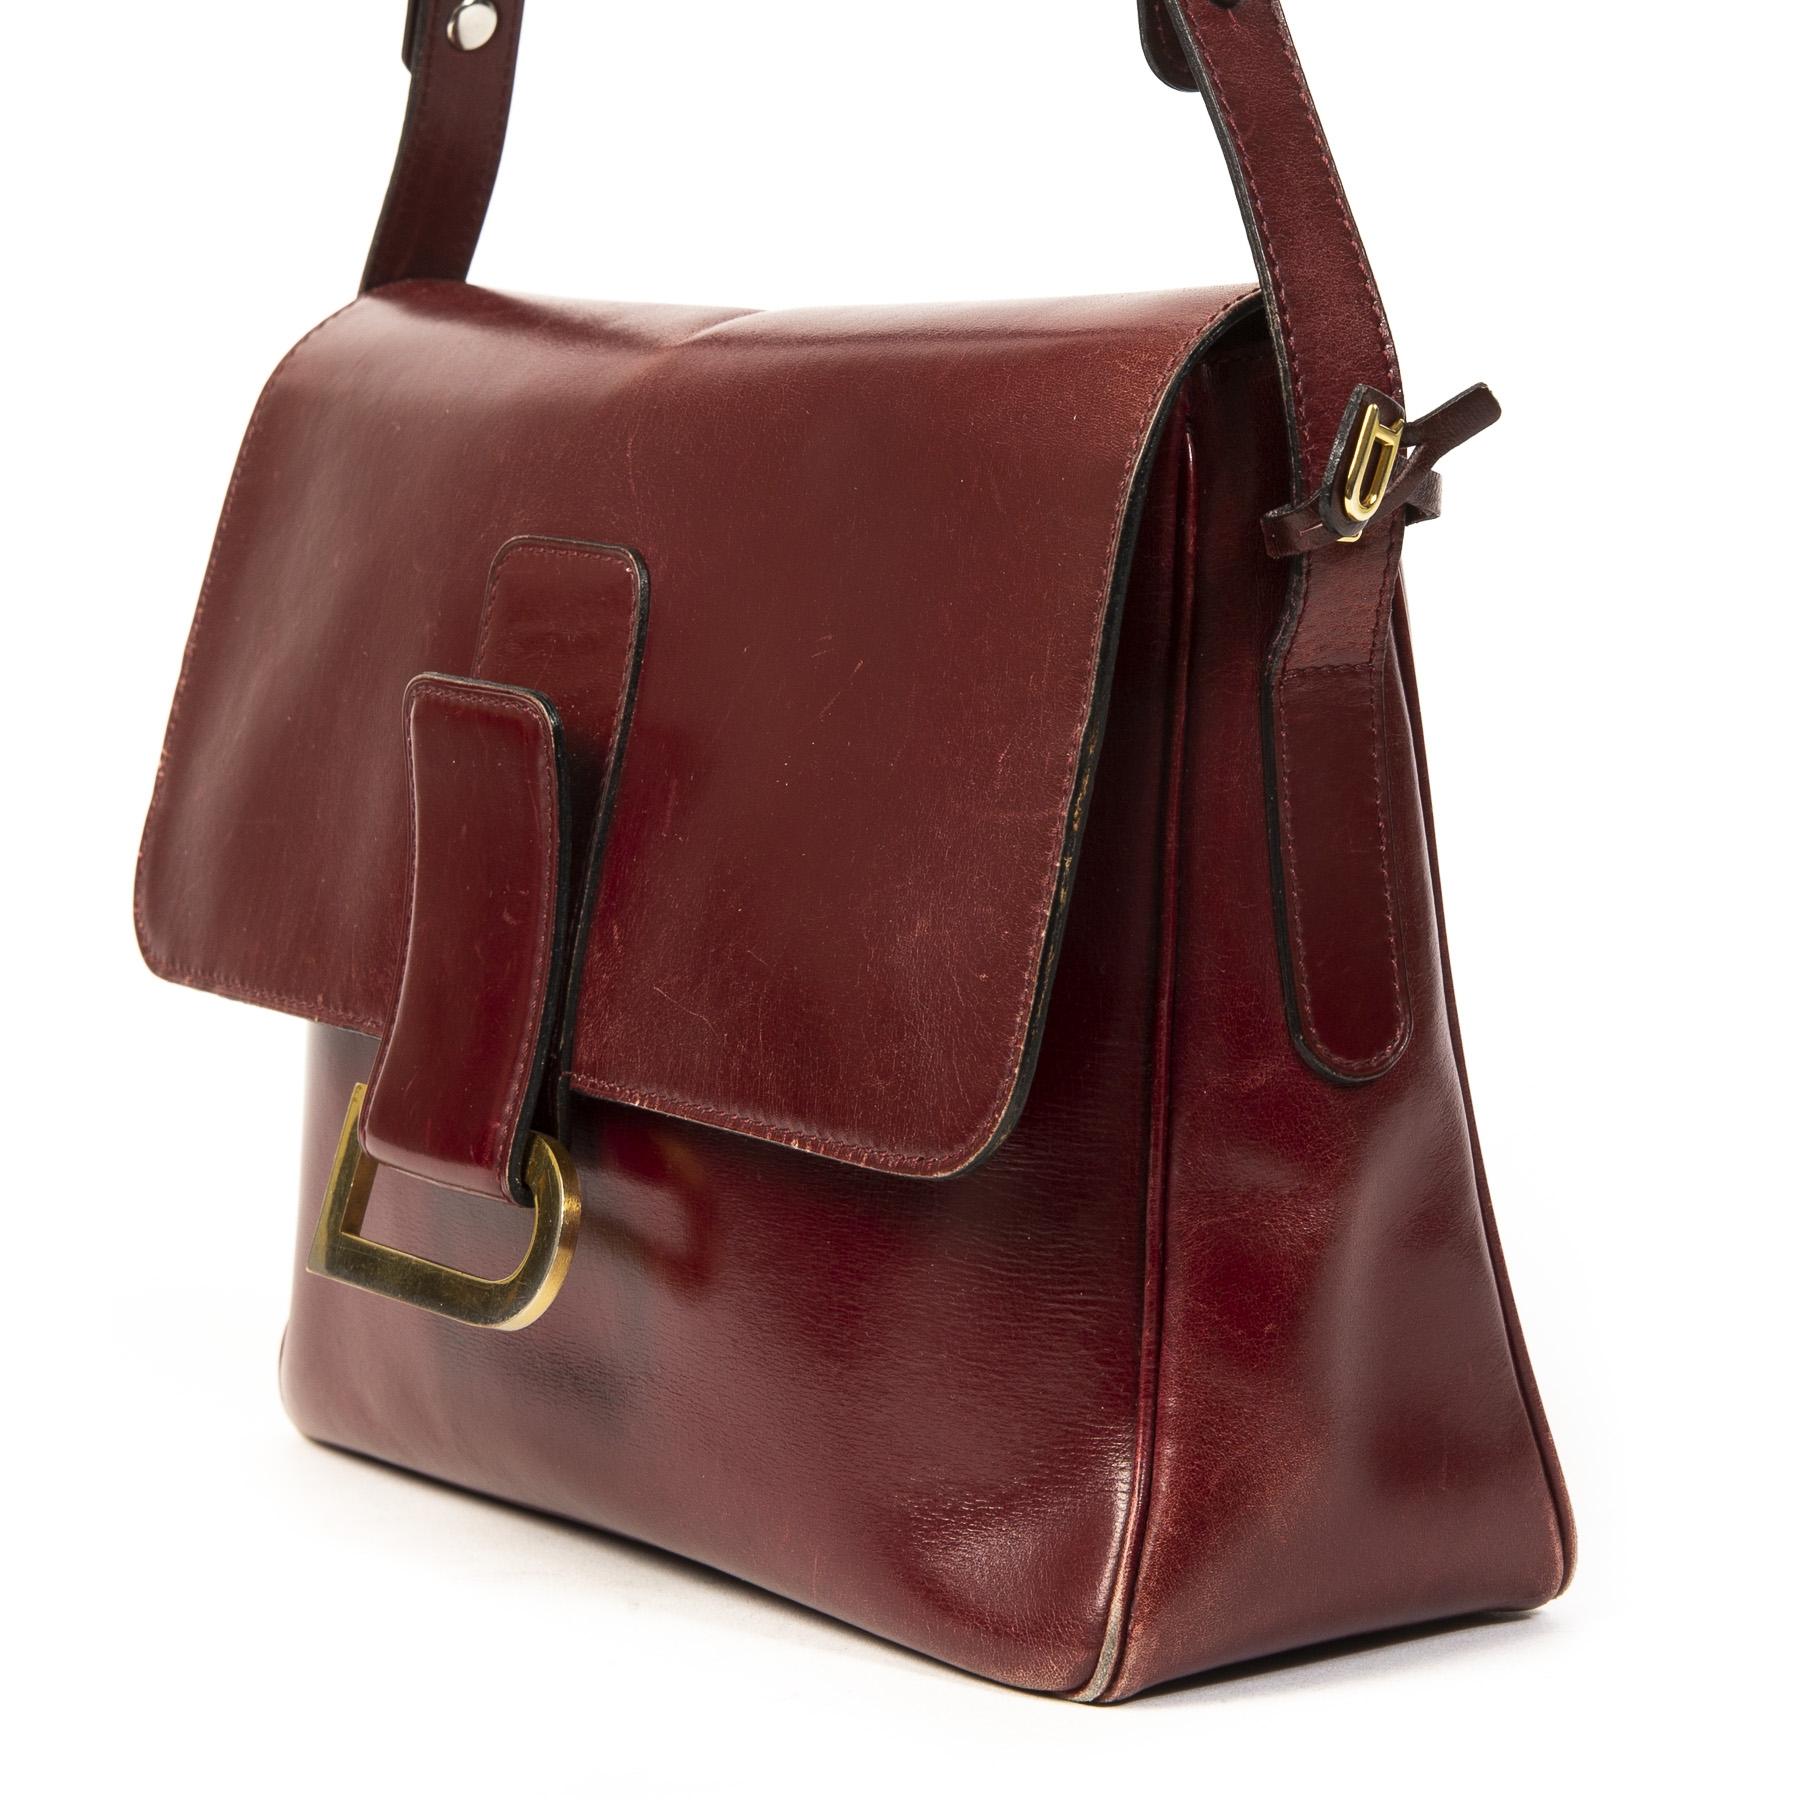 Delvaux Burgundy Passerelle Shoulder Bag